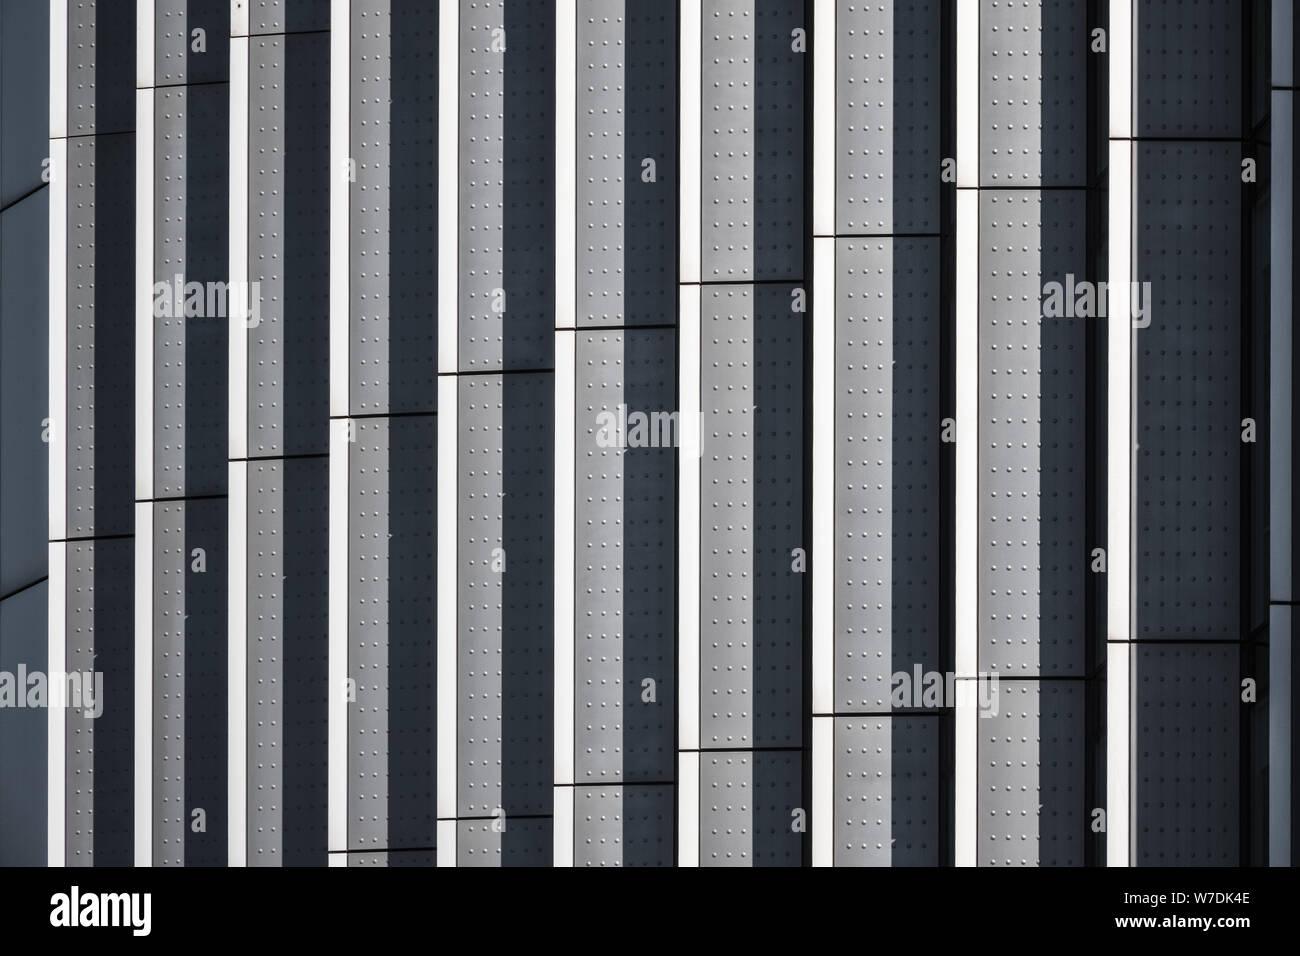 Metallische Architektur abstrakte Muster und Strukturen Stockfoto